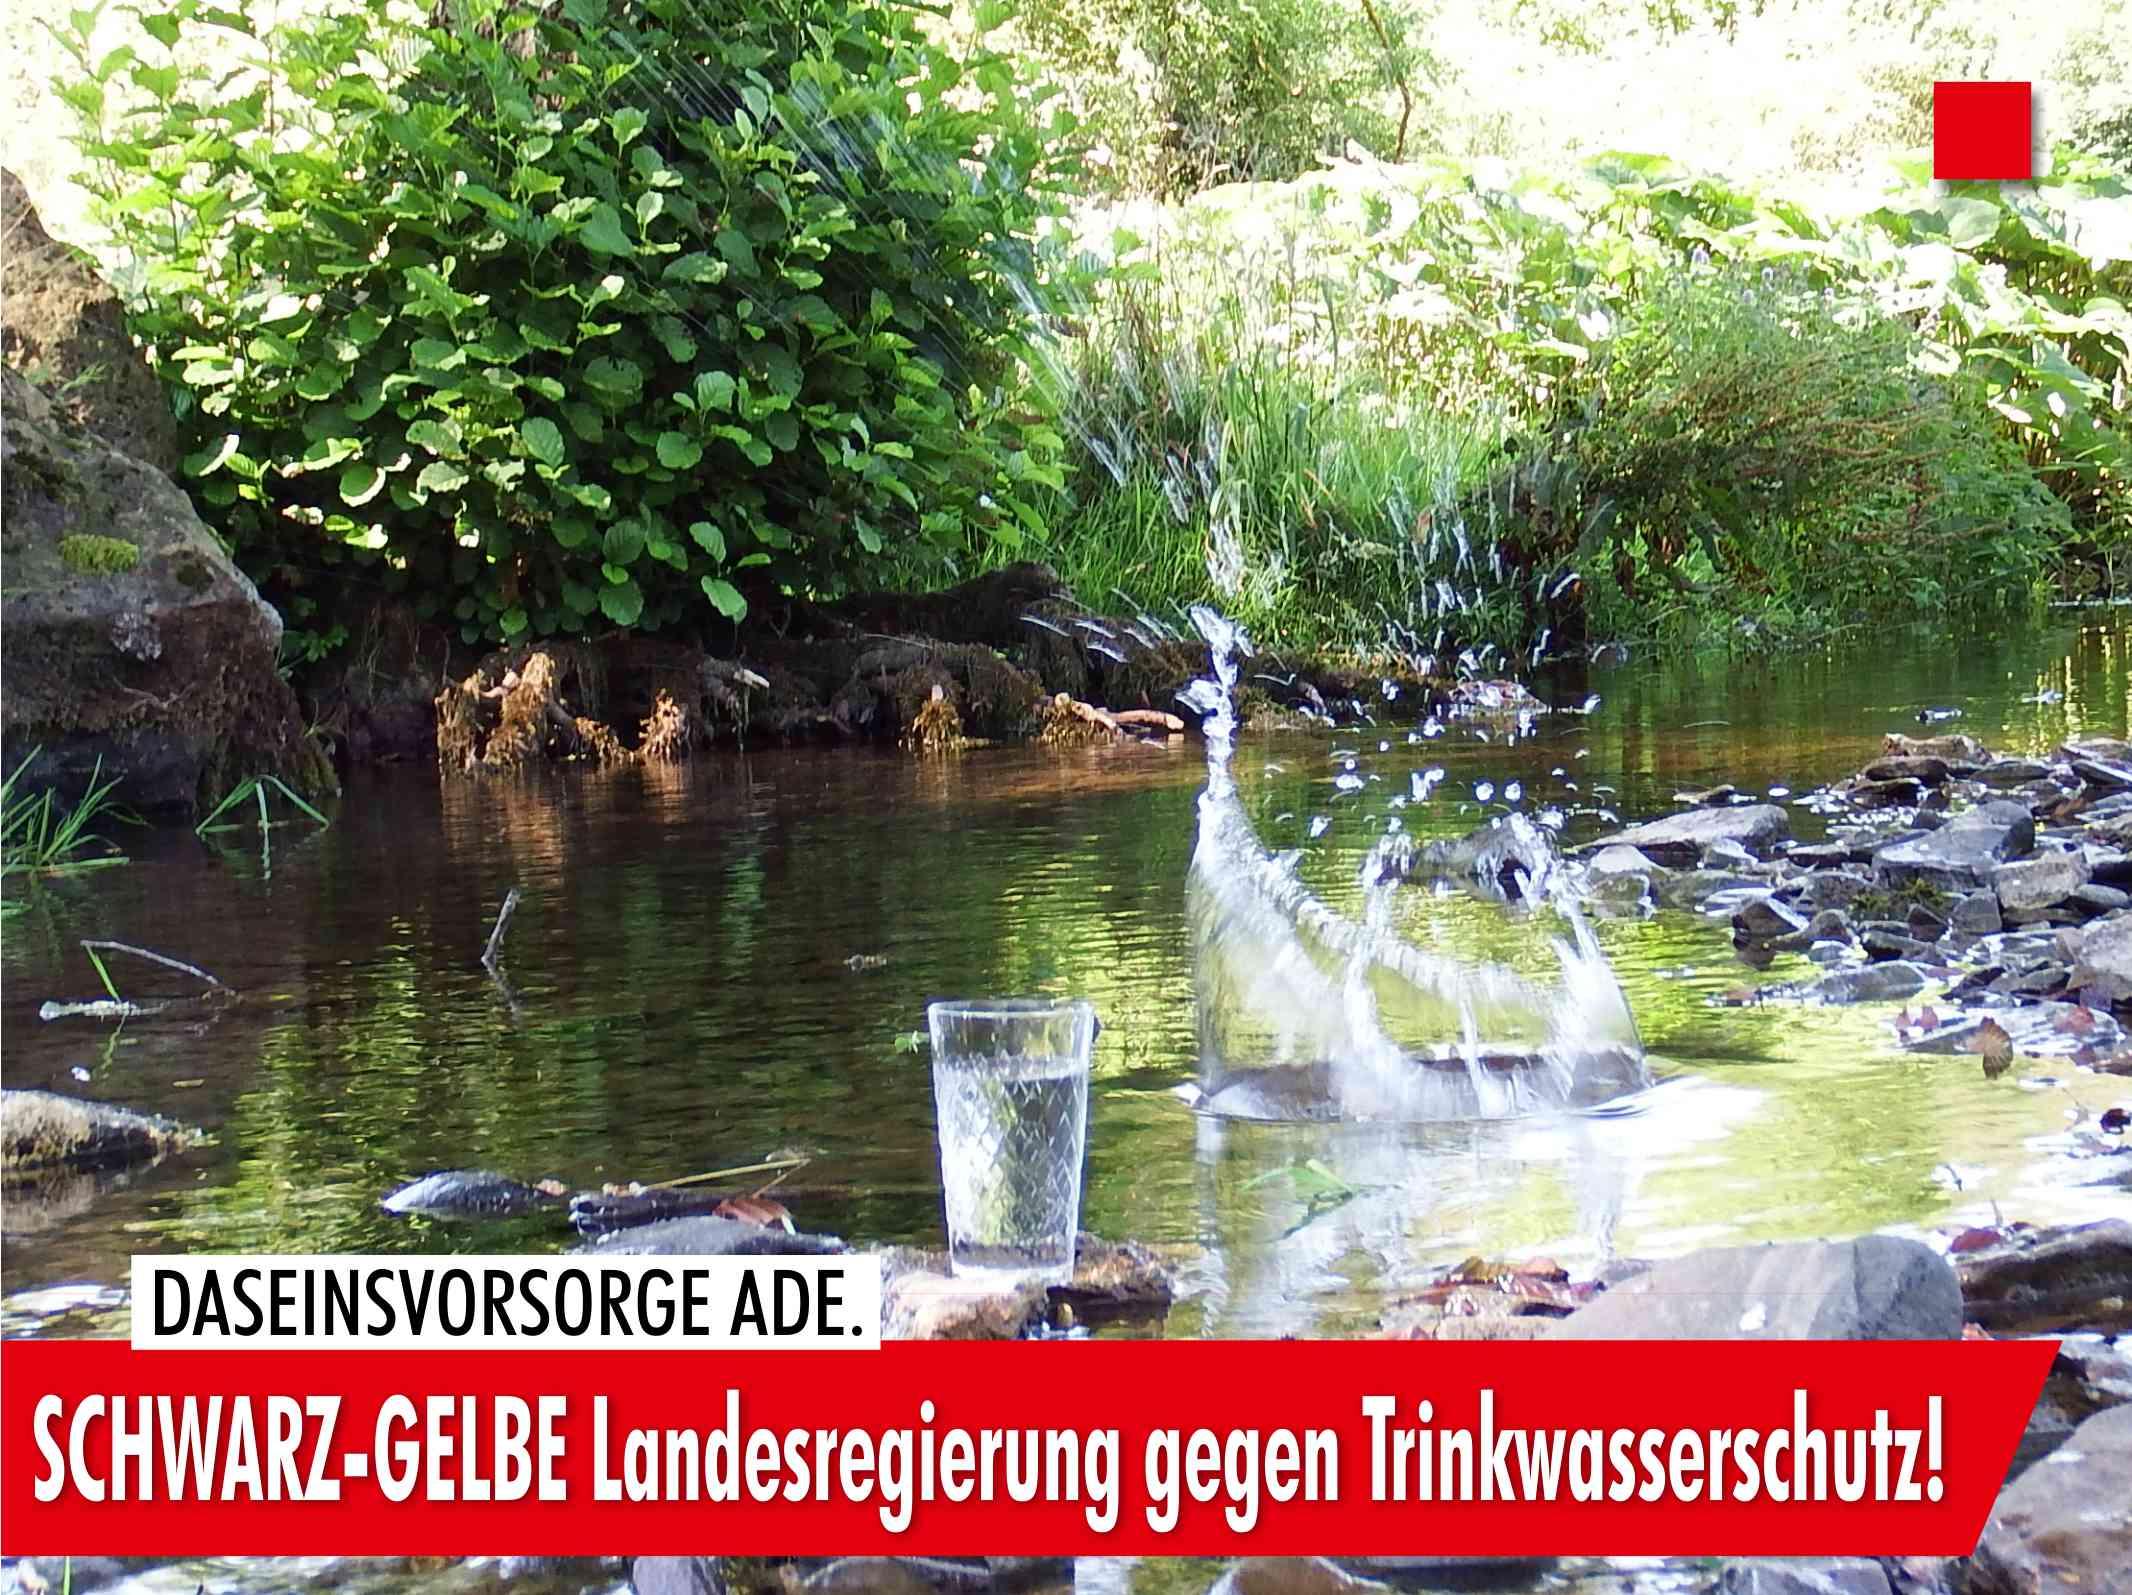 NRW Landesregierung gegen Trinkwasserschutz